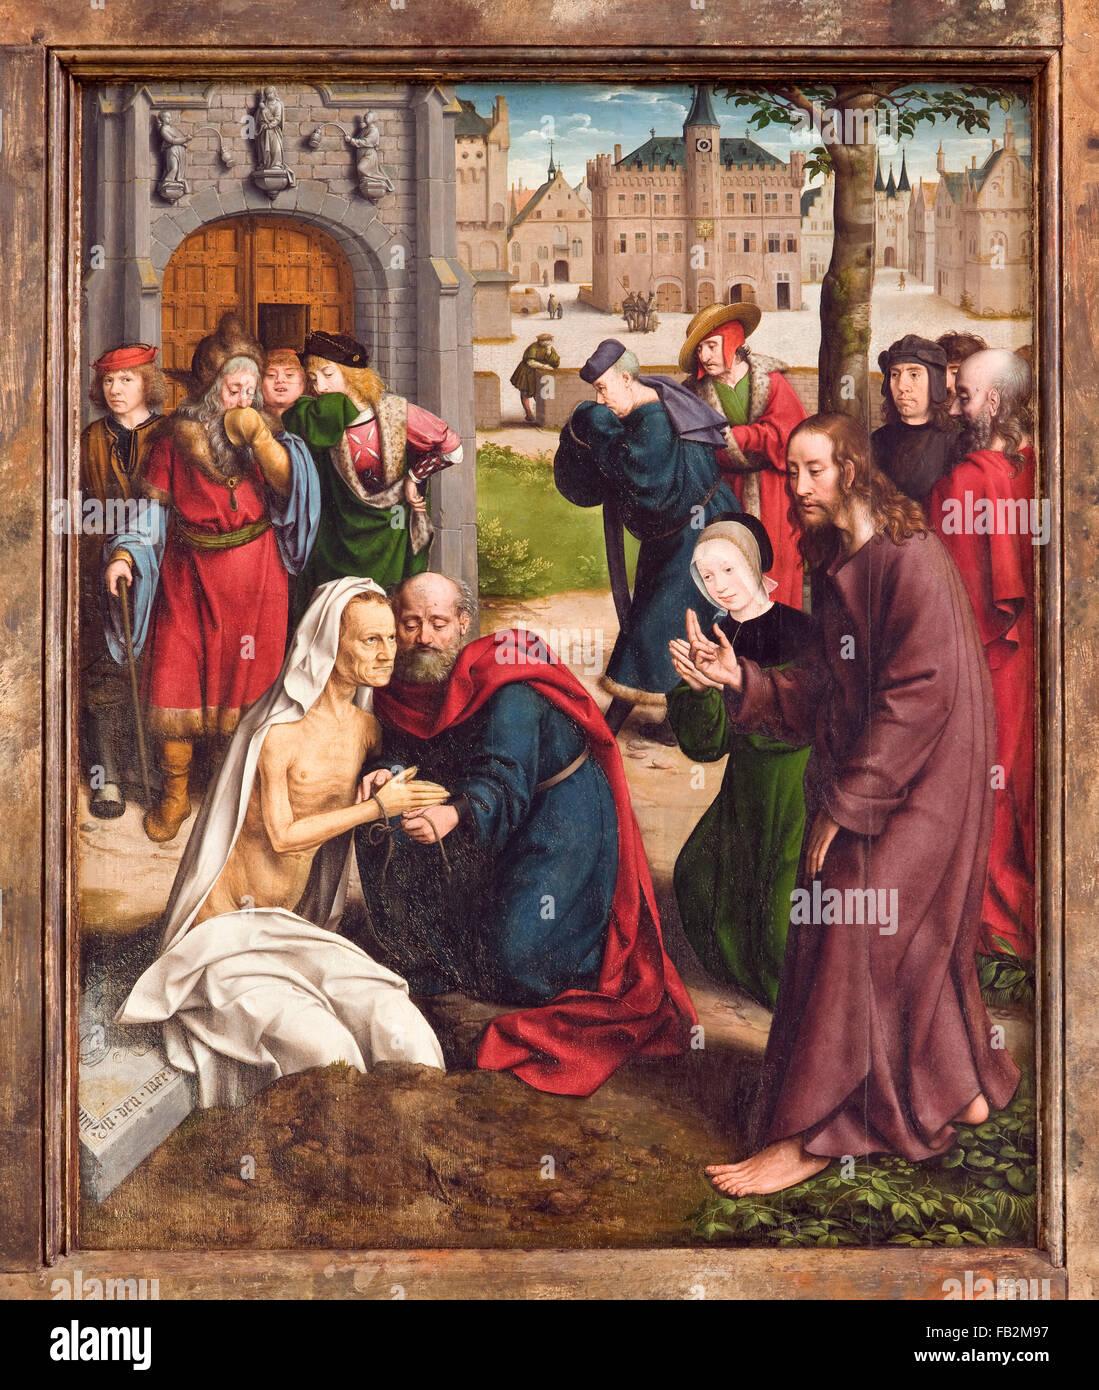 Kalkar, St. Nicolaikirche, Hochaltar (1488-1506), von Flügel Jan Joest (1505-1509), Lazare Kalkarer Auferweckung des mit Rathaus im Hintergrund Banque D'Images